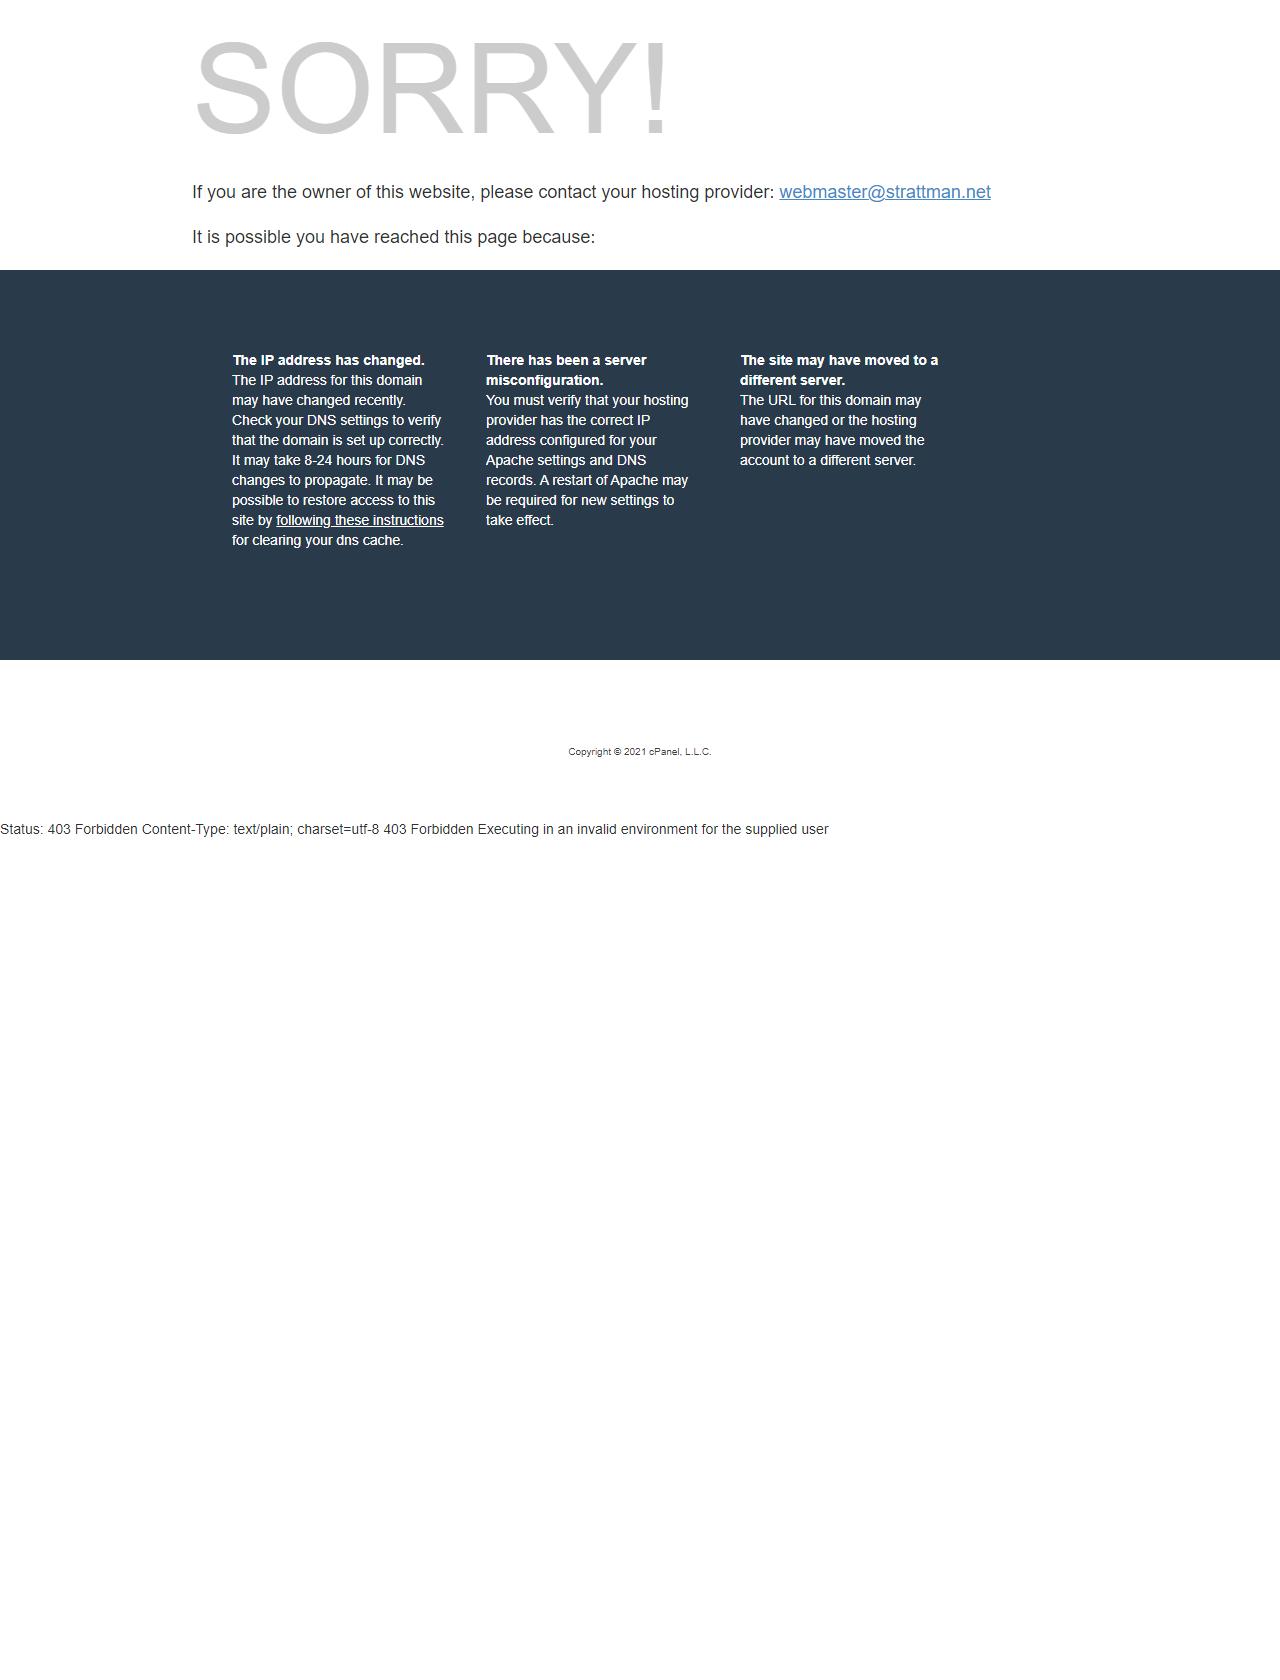 Screenshot Desktop - https://strattman.net/cgi-sys/defaultwebpage.cgi